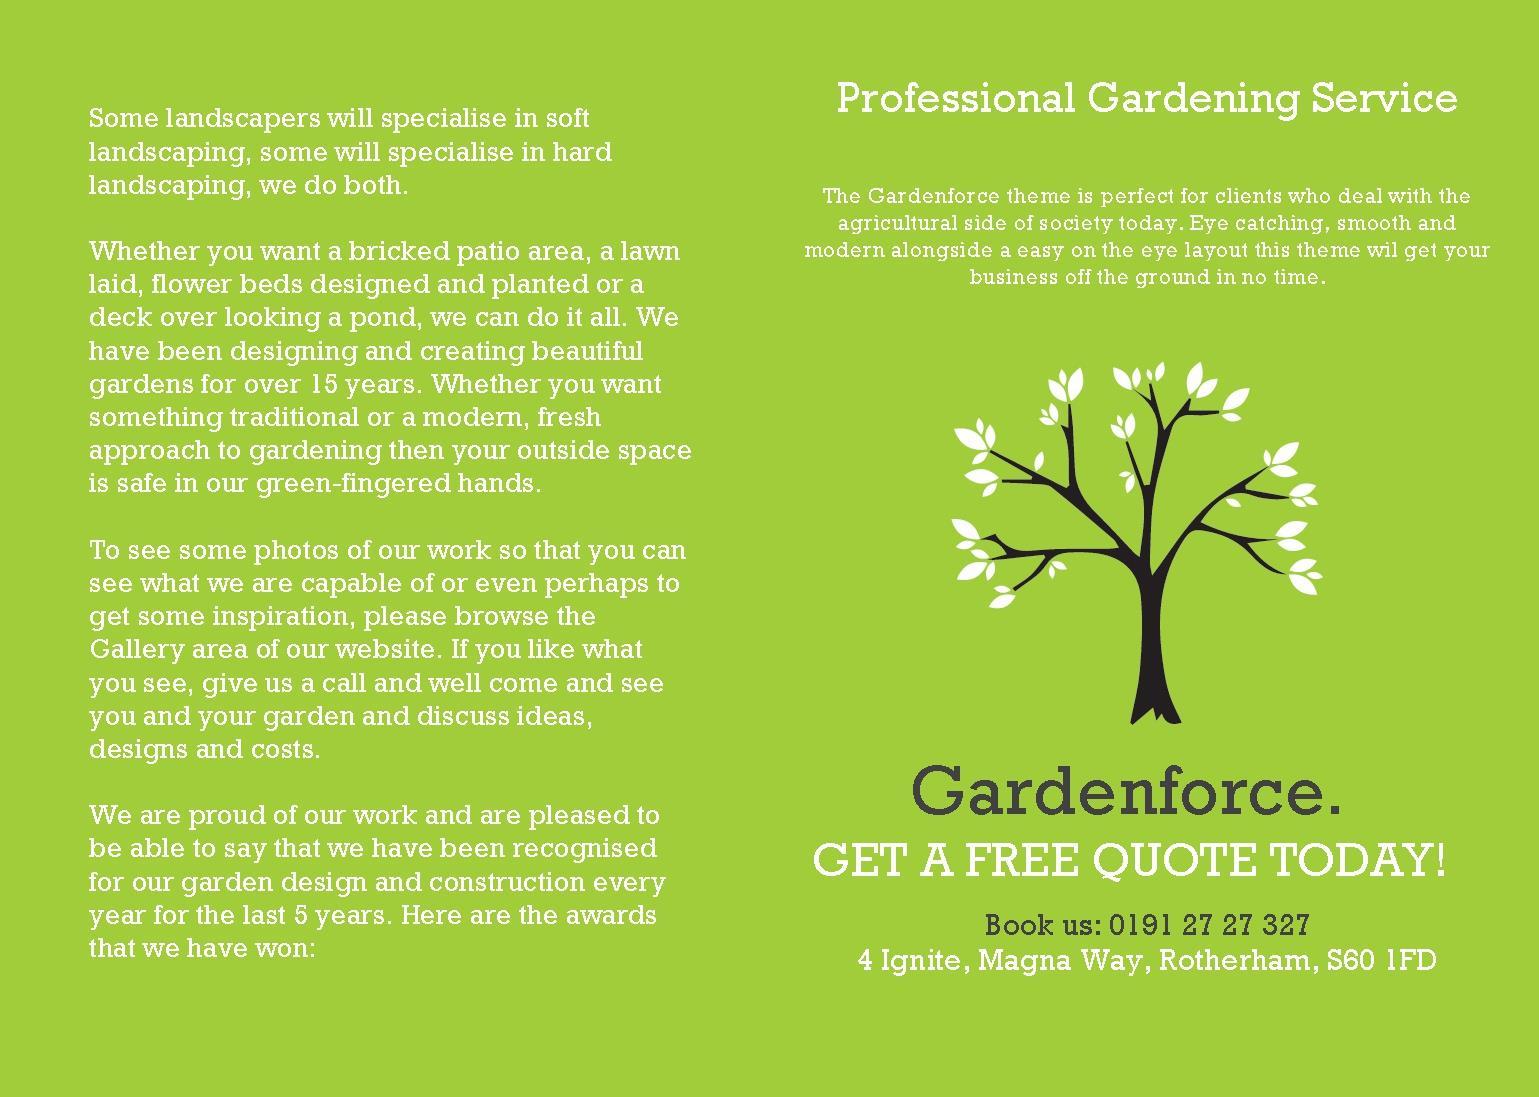 garden ville business card design rose garden floral wedding modern henna business cards a5 folded leaflet - Garden Design Business Cards